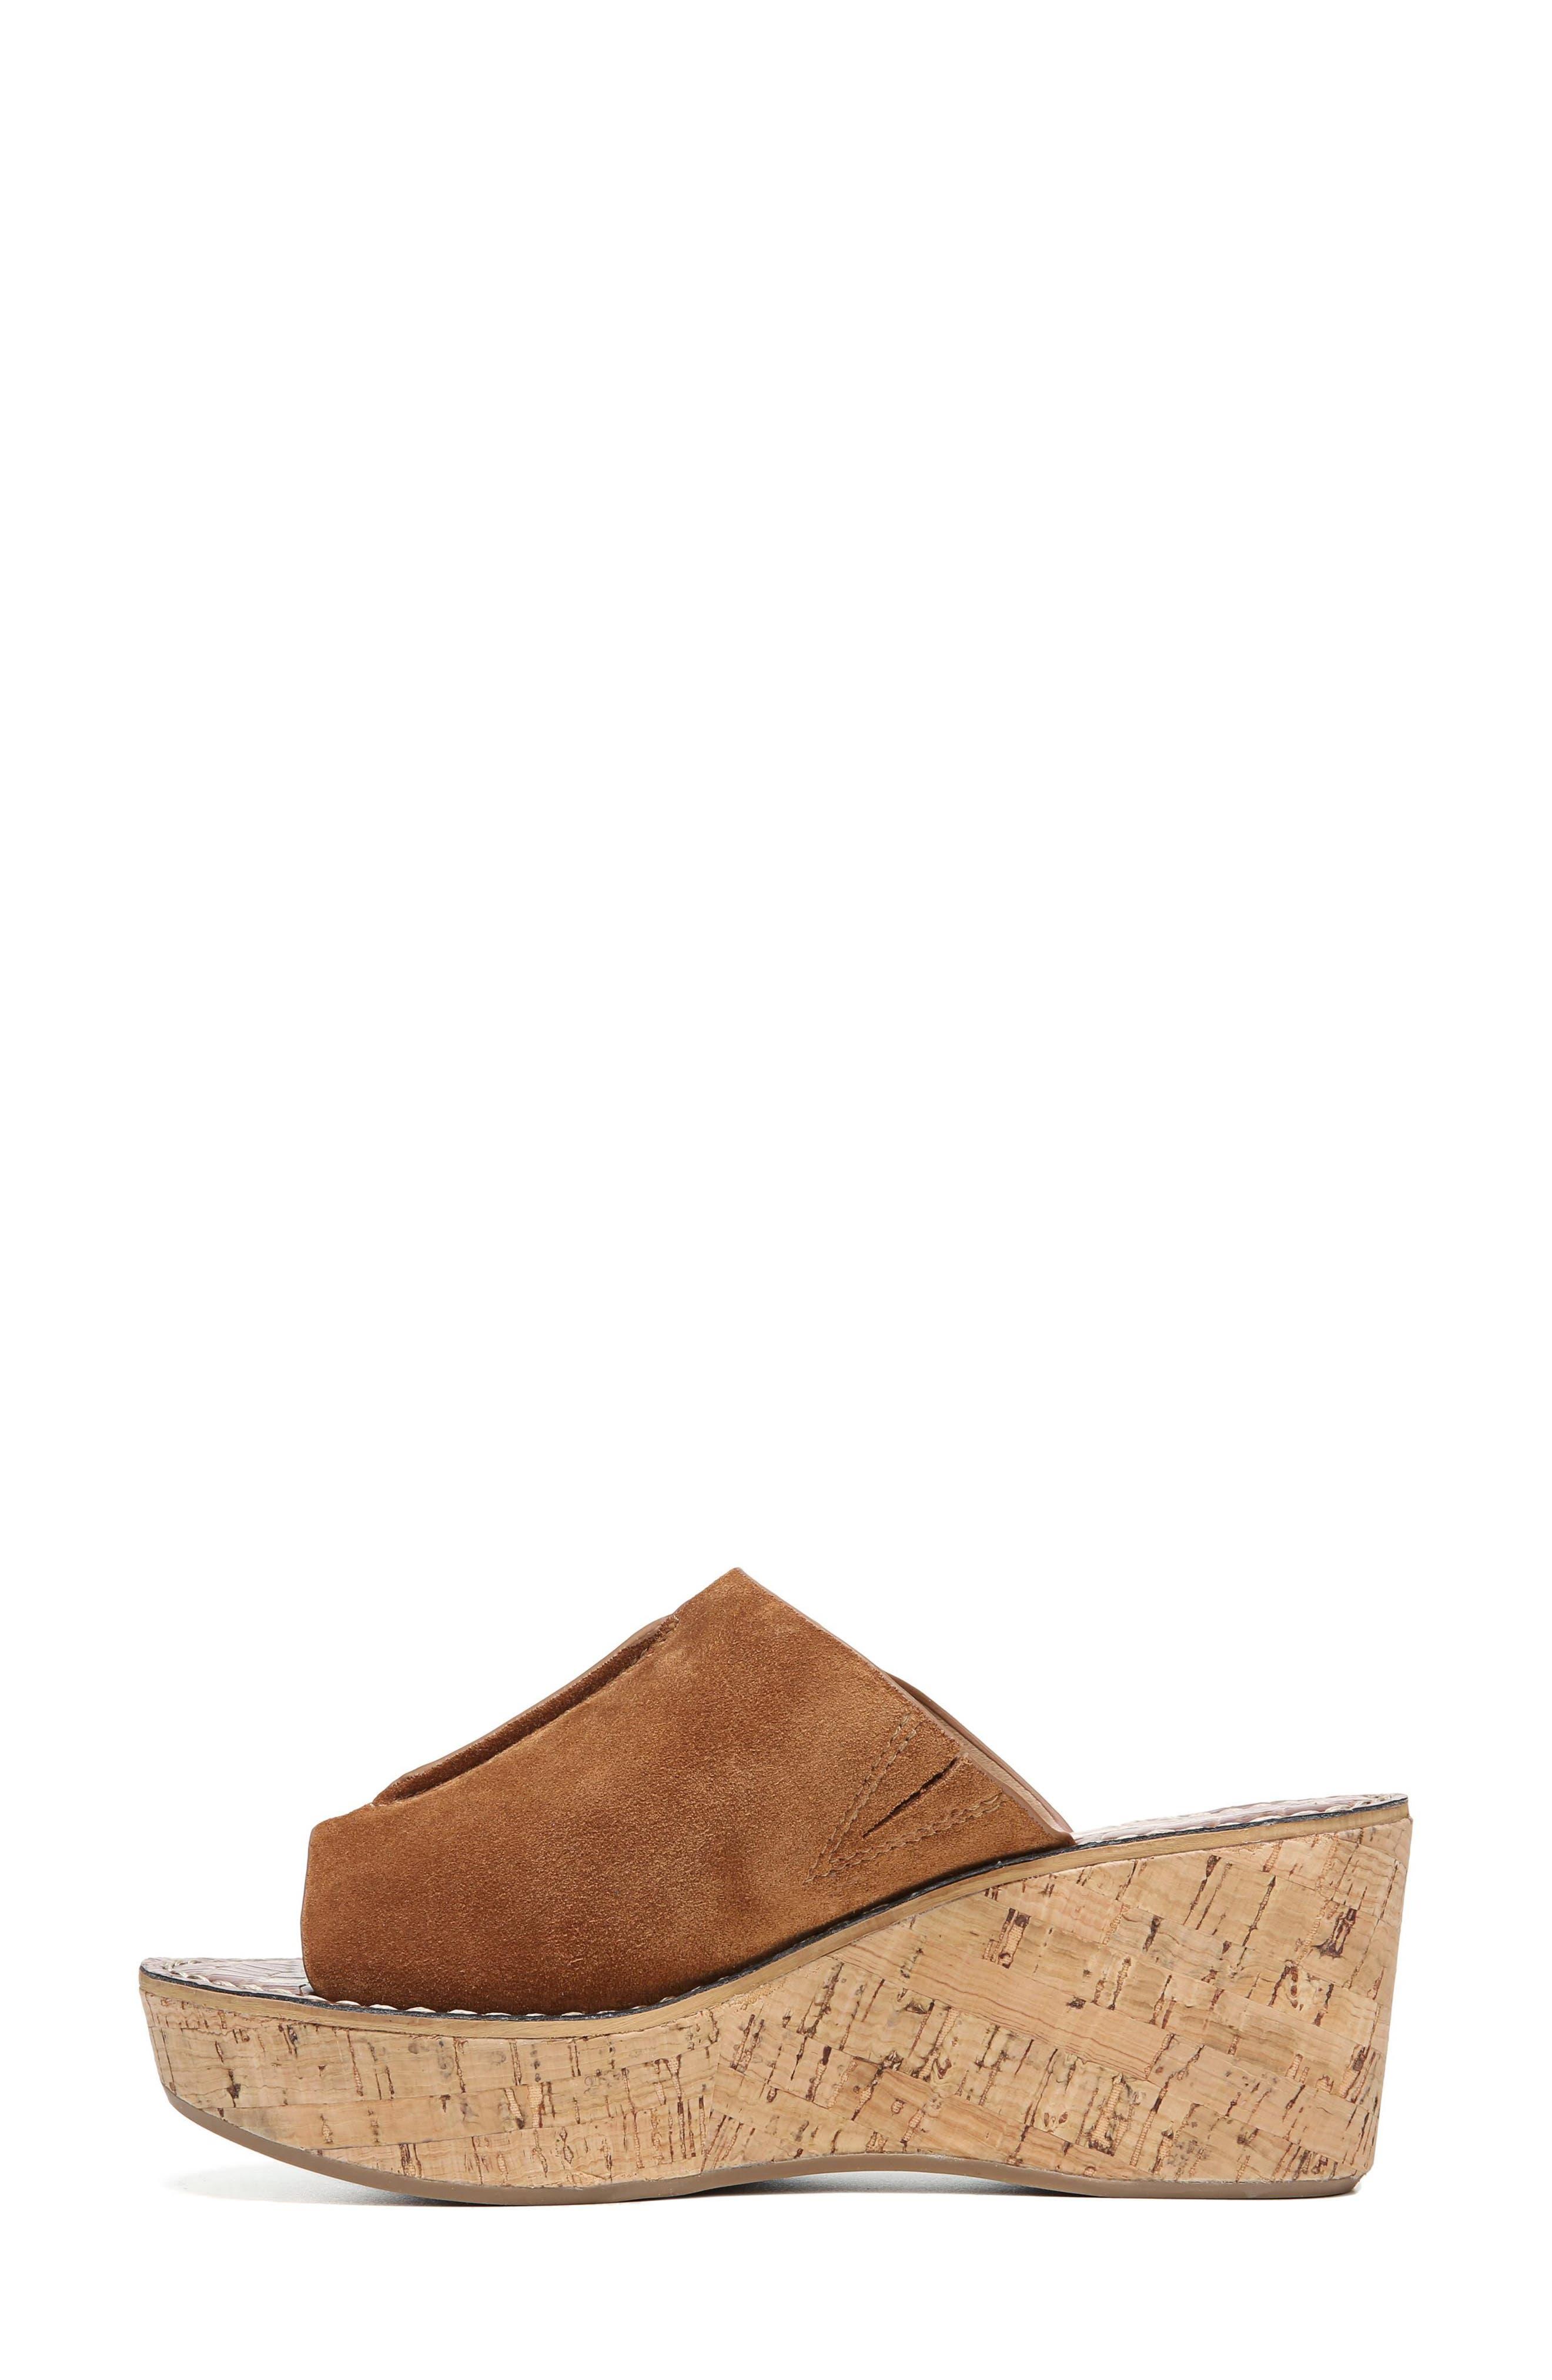 Ranger Platform Sandal,                             Alternate thumbnail 16, color,